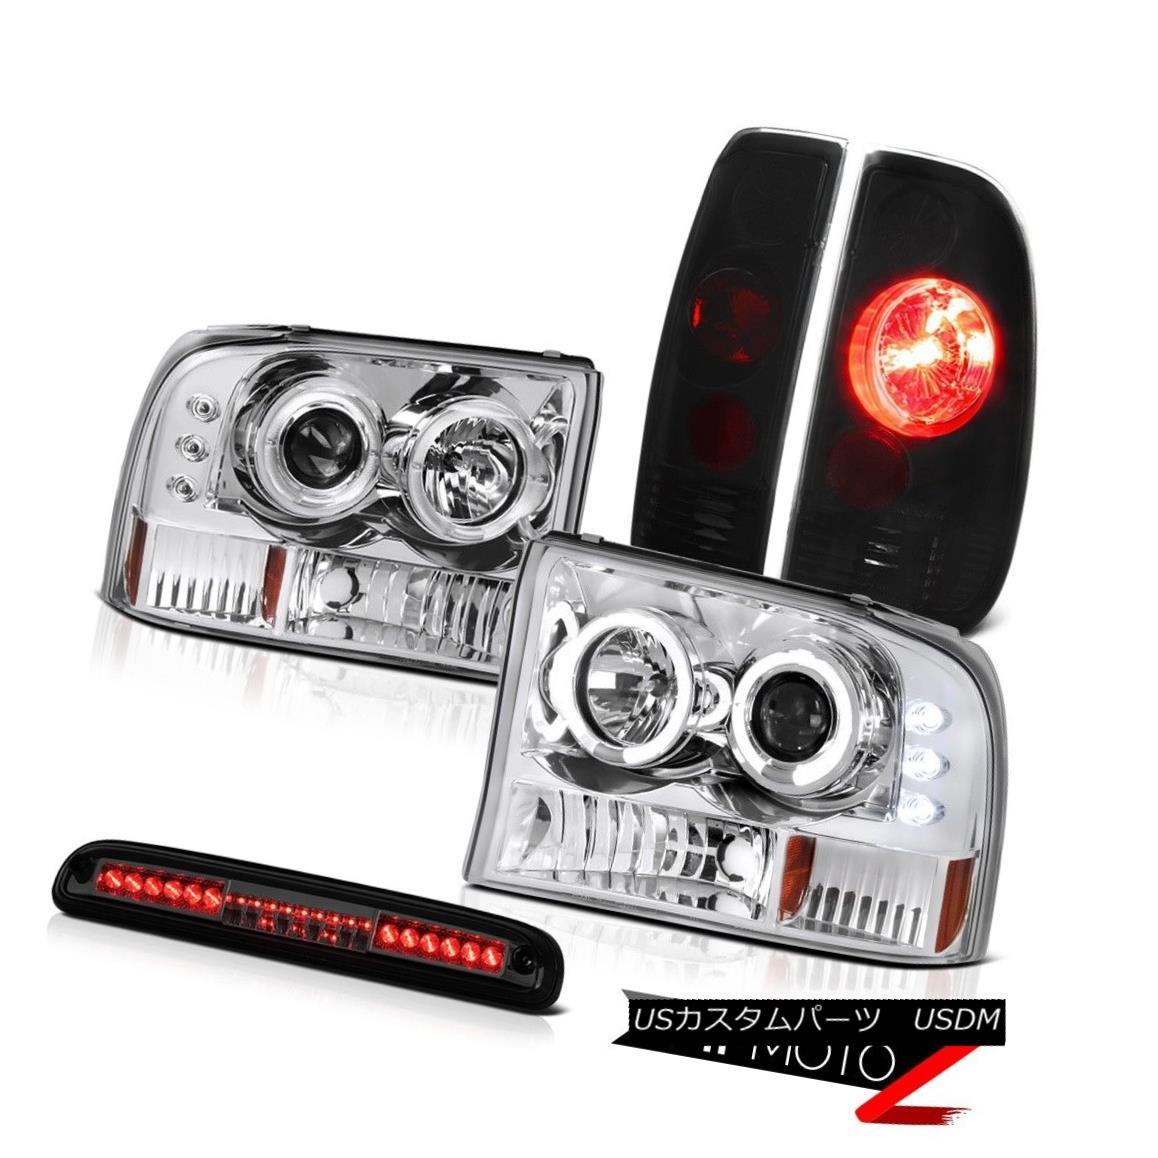 テールライト 99 00 01 02 03 04 F350 6.8L Clear Headlights Darkest TailLight Smoke 3rd Brake 99 00 01 02 03 04 F350 6.8LクリアヘッドライトDarkestテールライトスモーク3rdブレーキ